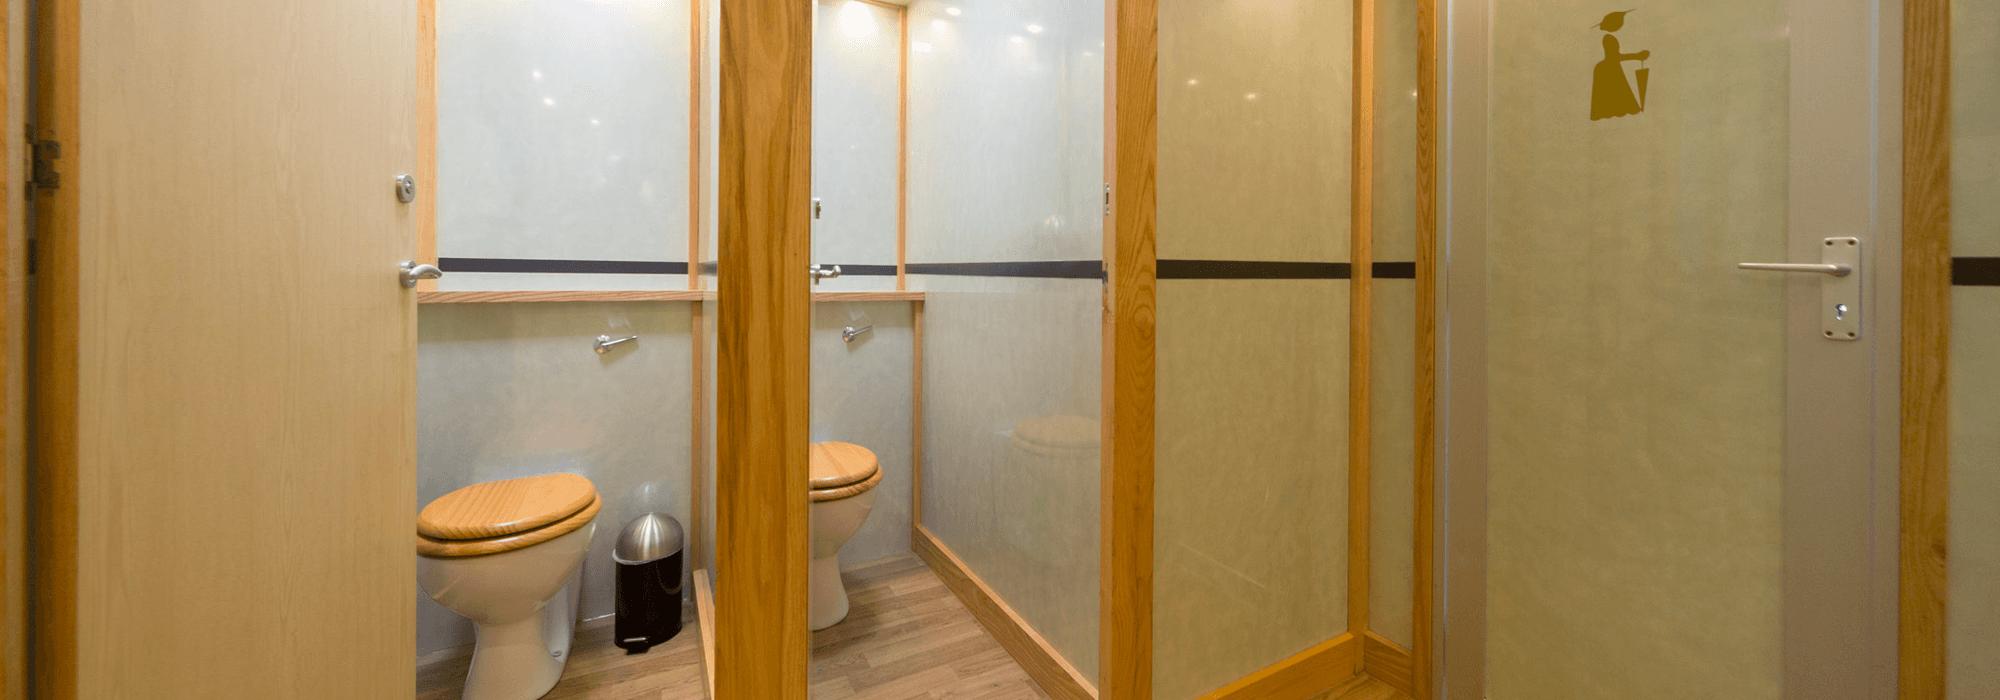 Chew Valley Hire Ltd- toilet hire in Bristol, Bath, Taunton & Somerset